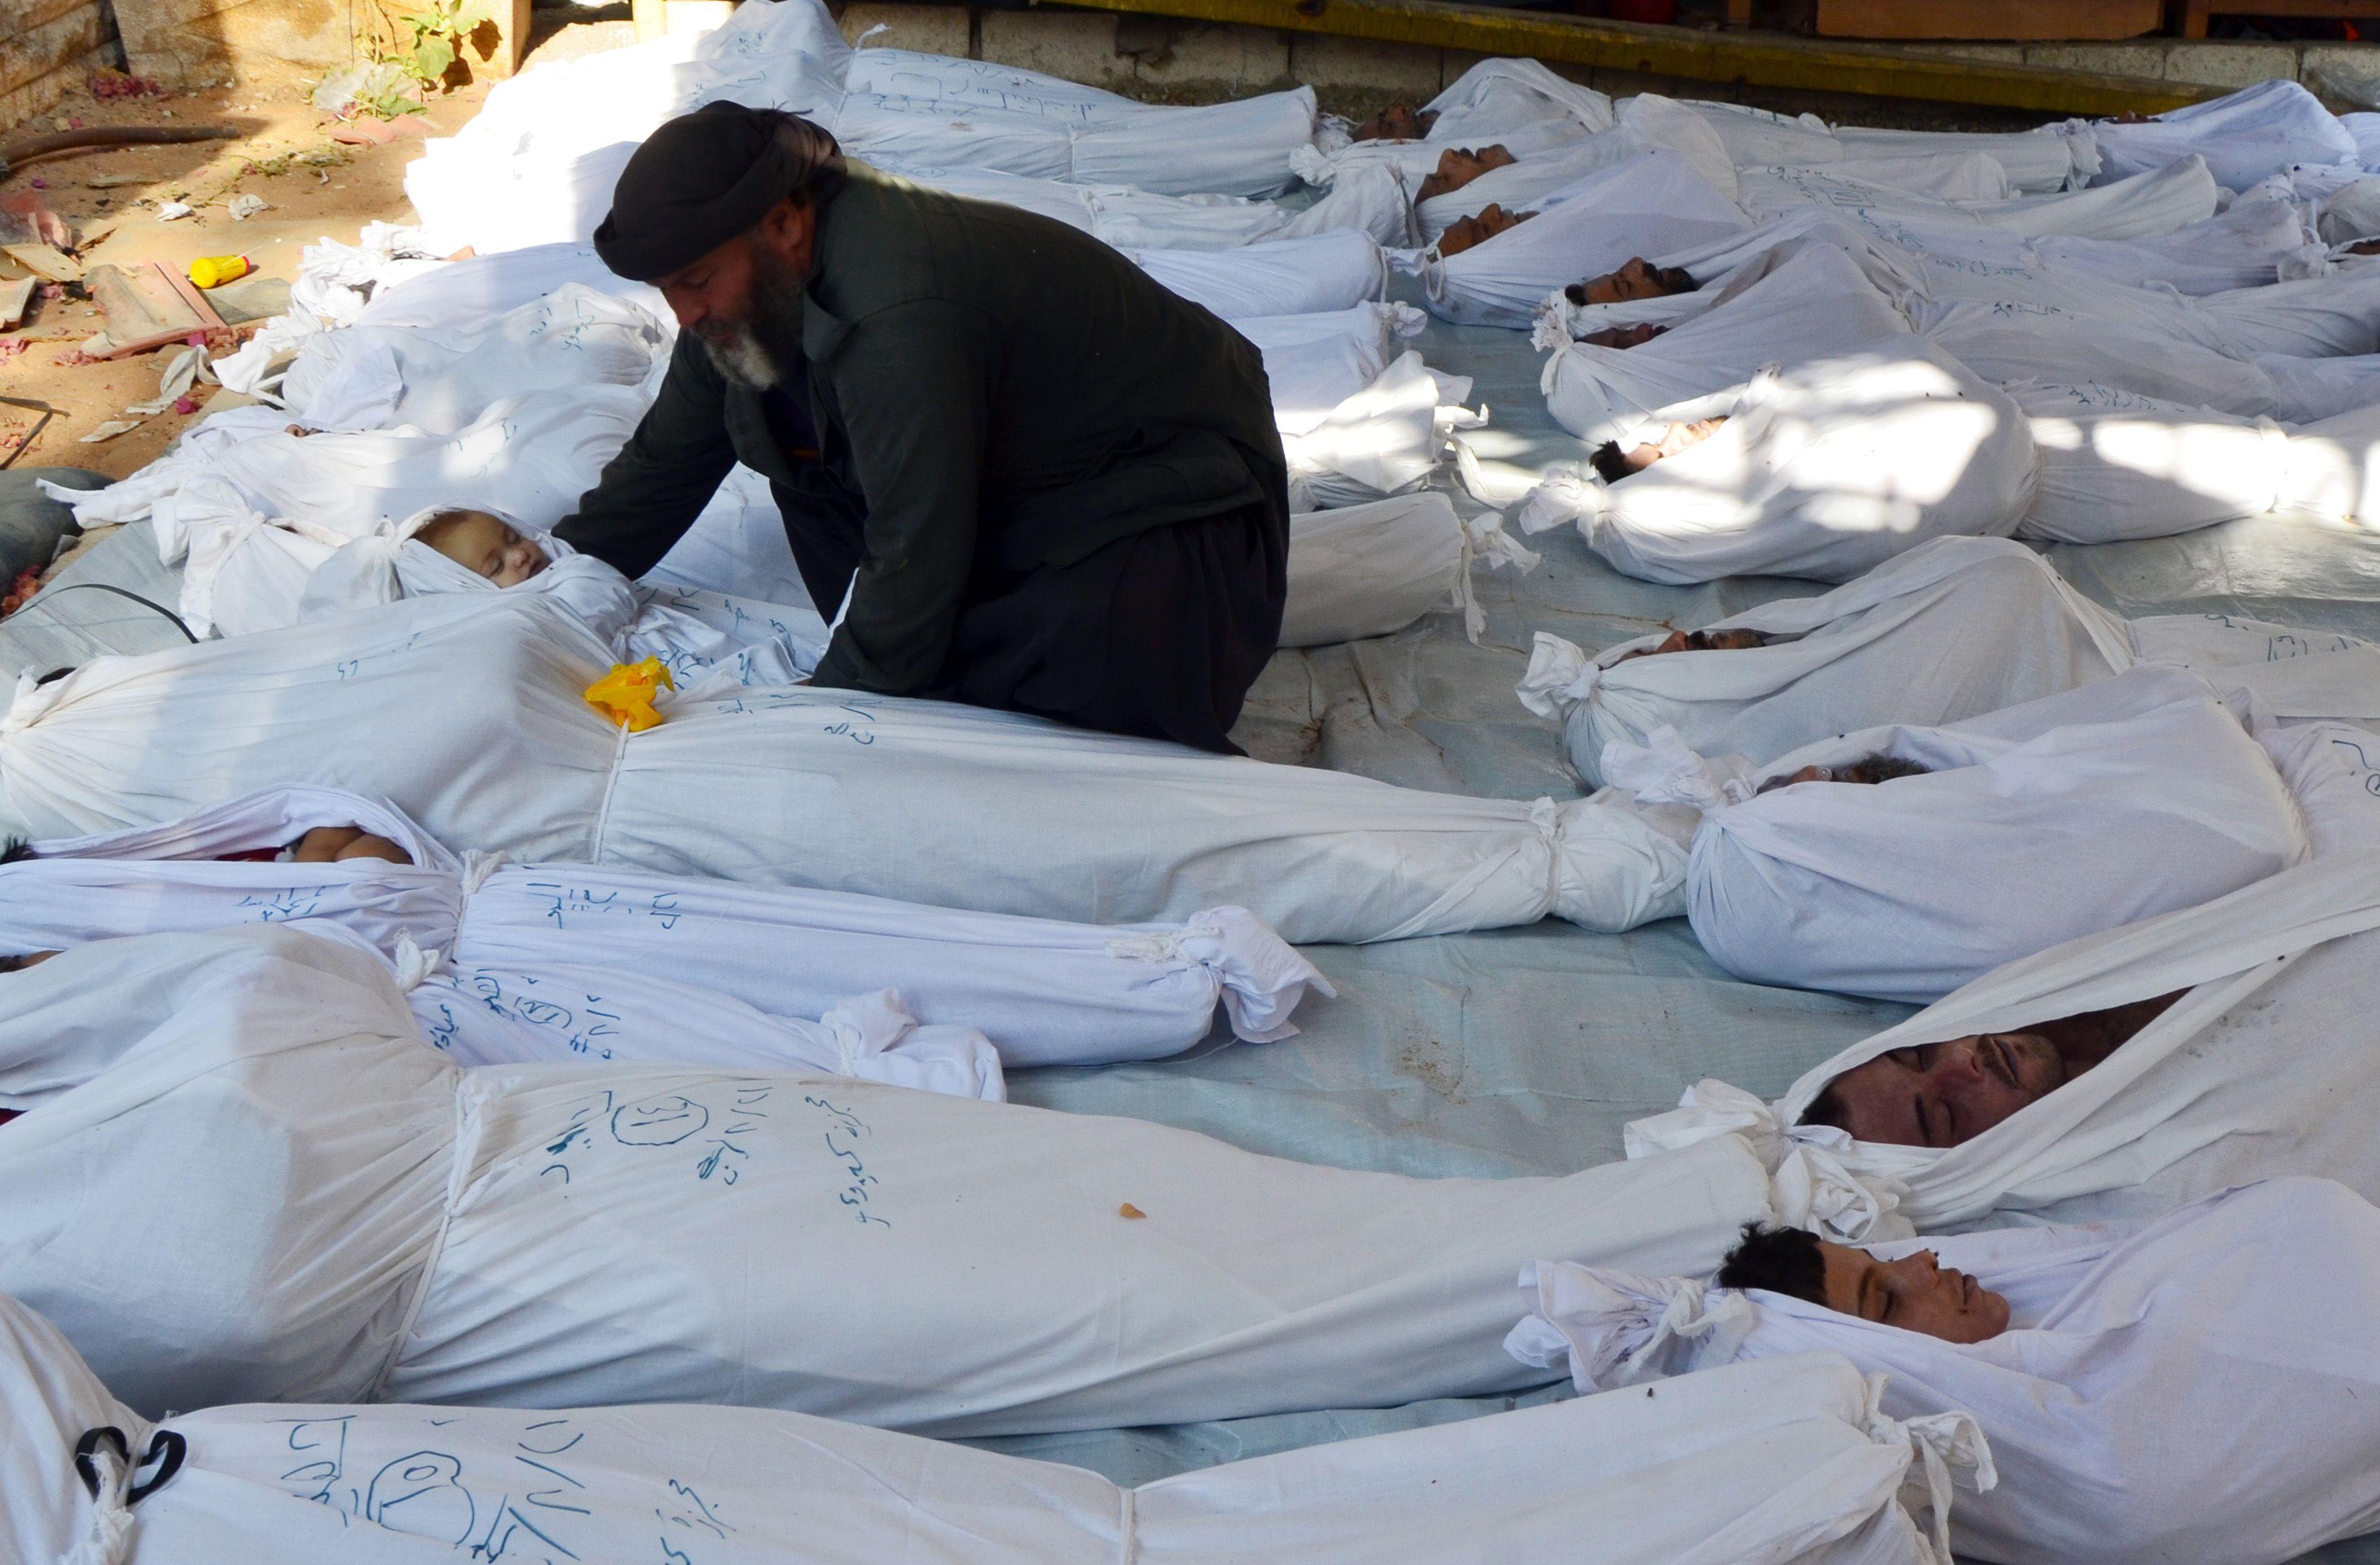 La Syrie pleure ses morts, après de violents bombardements le 21 août